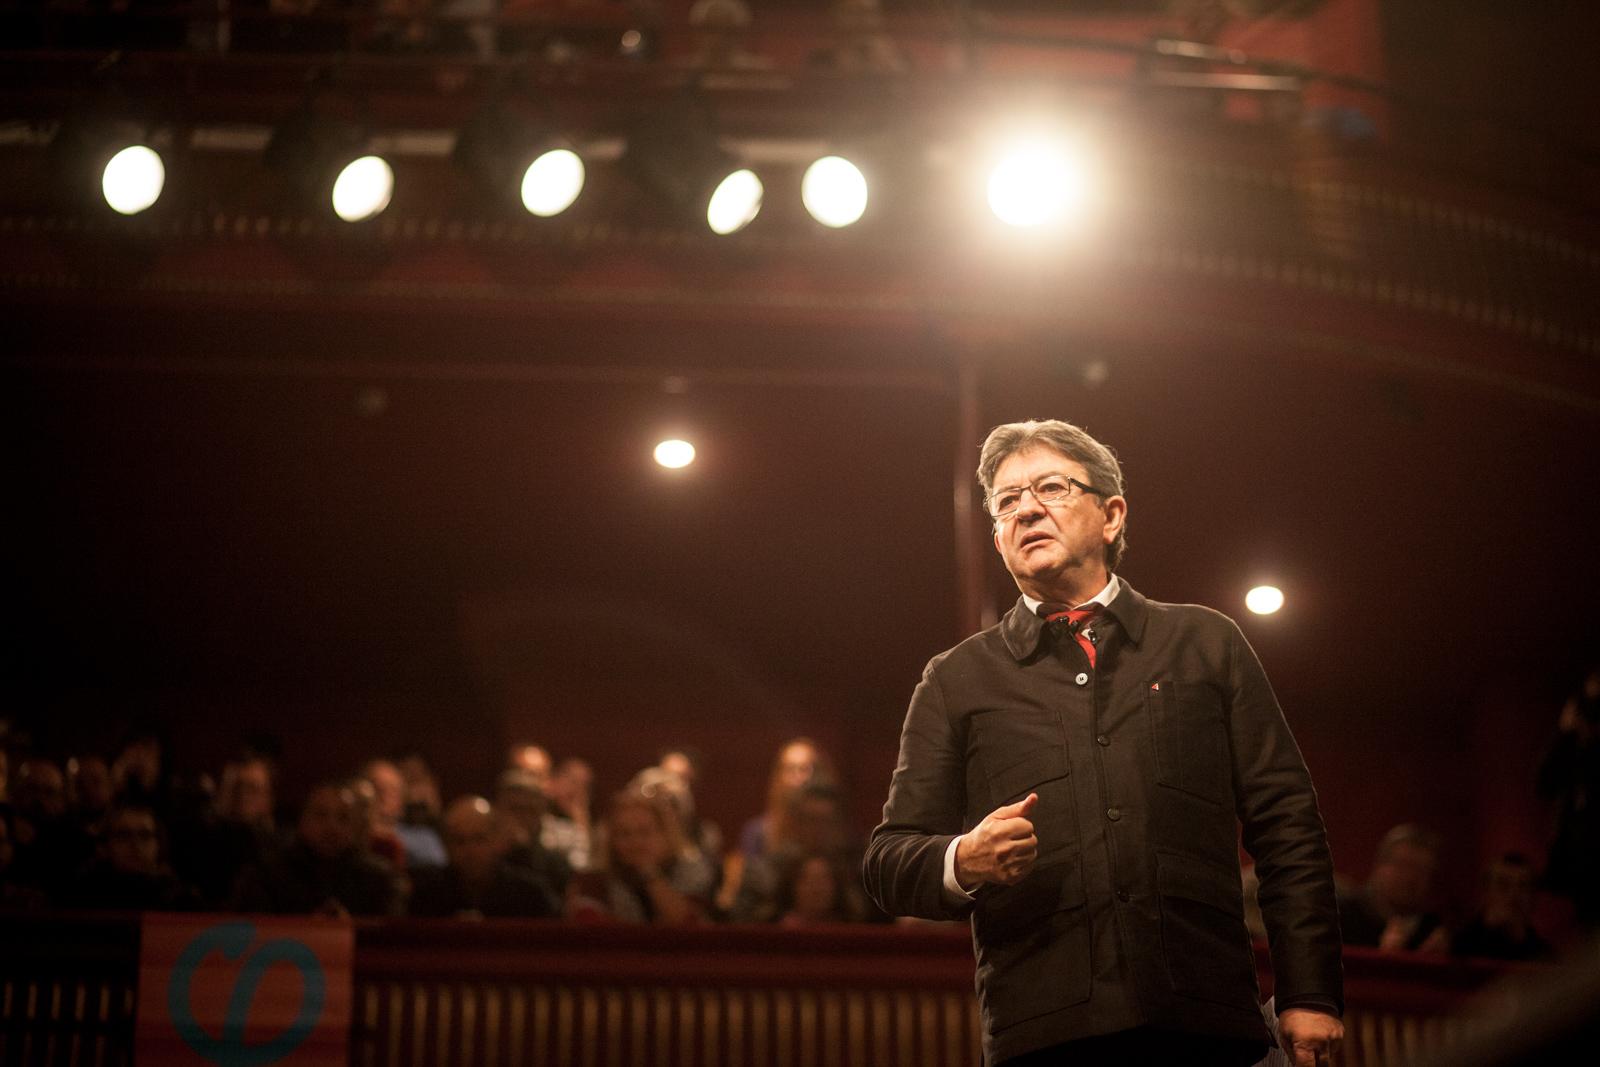 Jean-Luc Mélenchon, le candidat de la France insoumise était en janvier au théâtre municipal de Tourcoing pour défendre son programme: partage des richesses, loi travail, fiscalité.  Publié dans L'Humanité